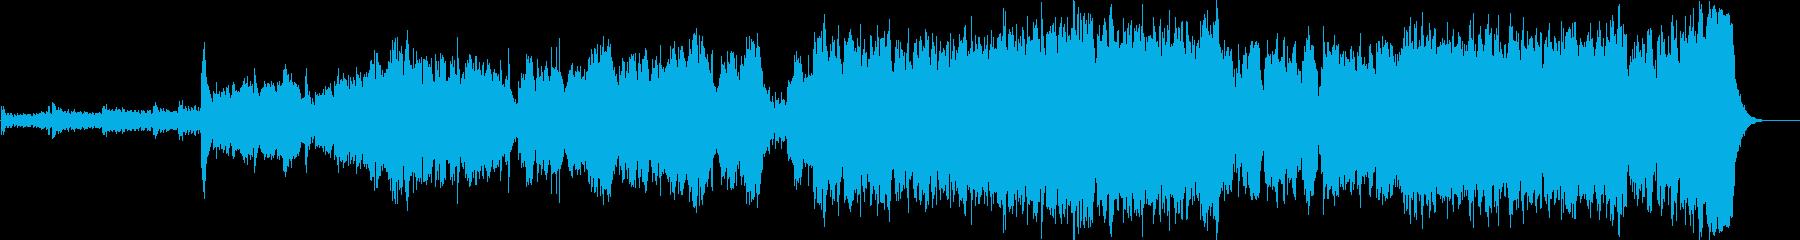 BGMの再生済みの波形